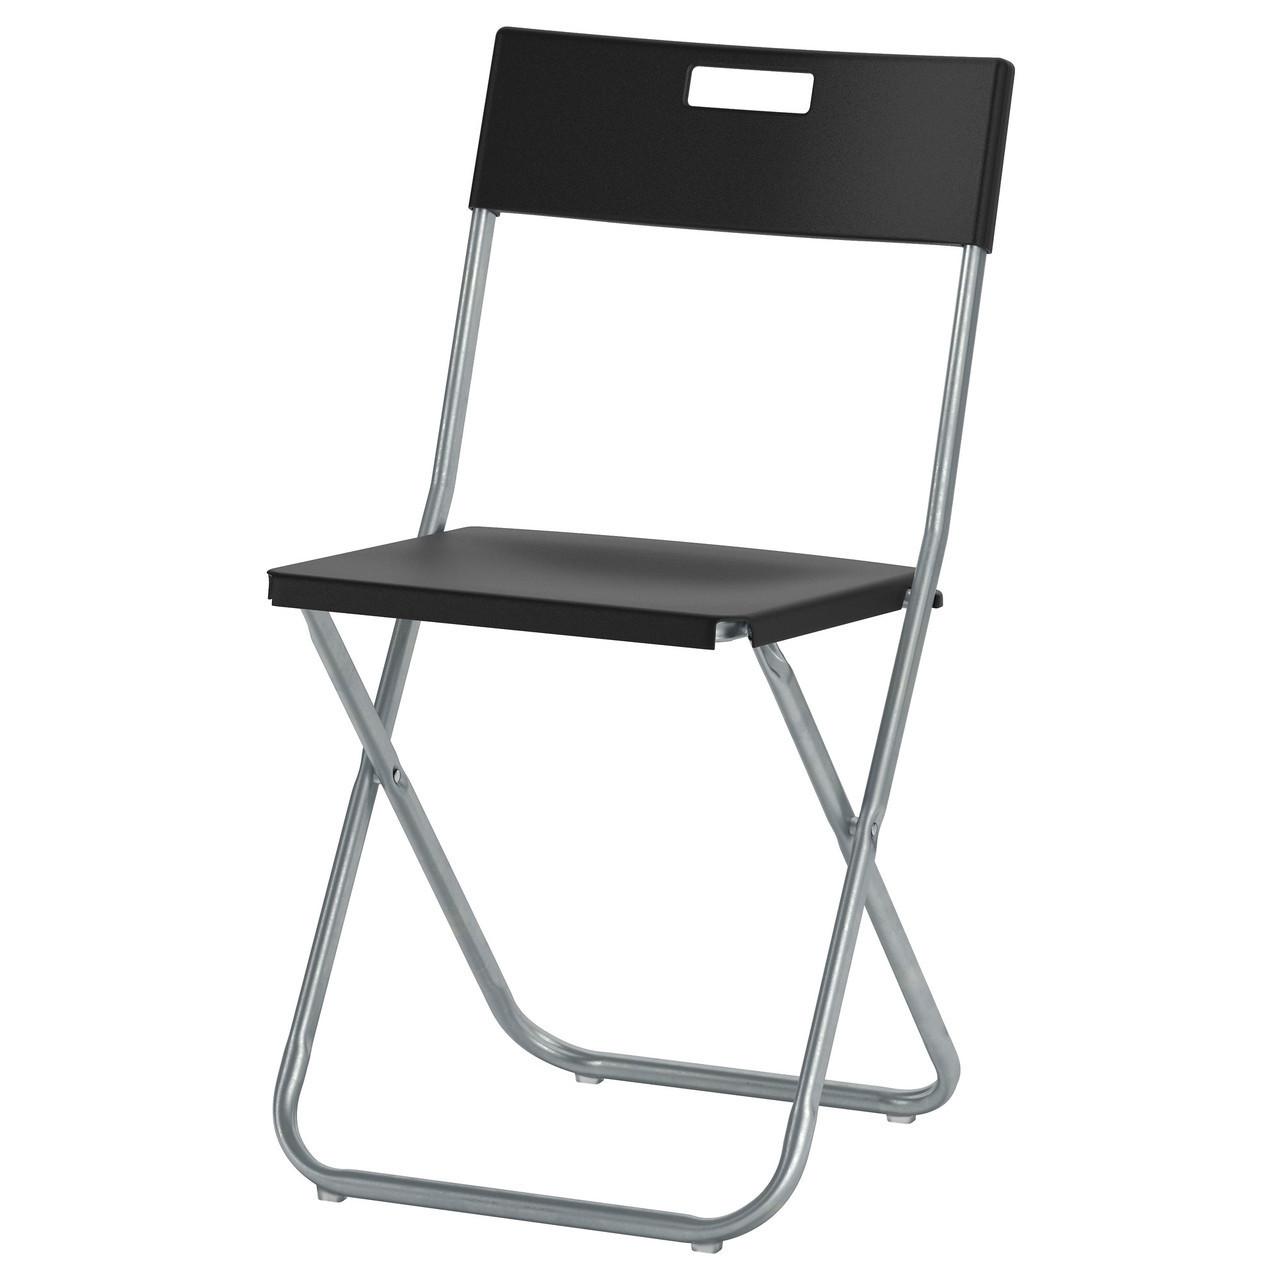 Cкладной стул GUNDE, черный, IKEA, 002.177.97